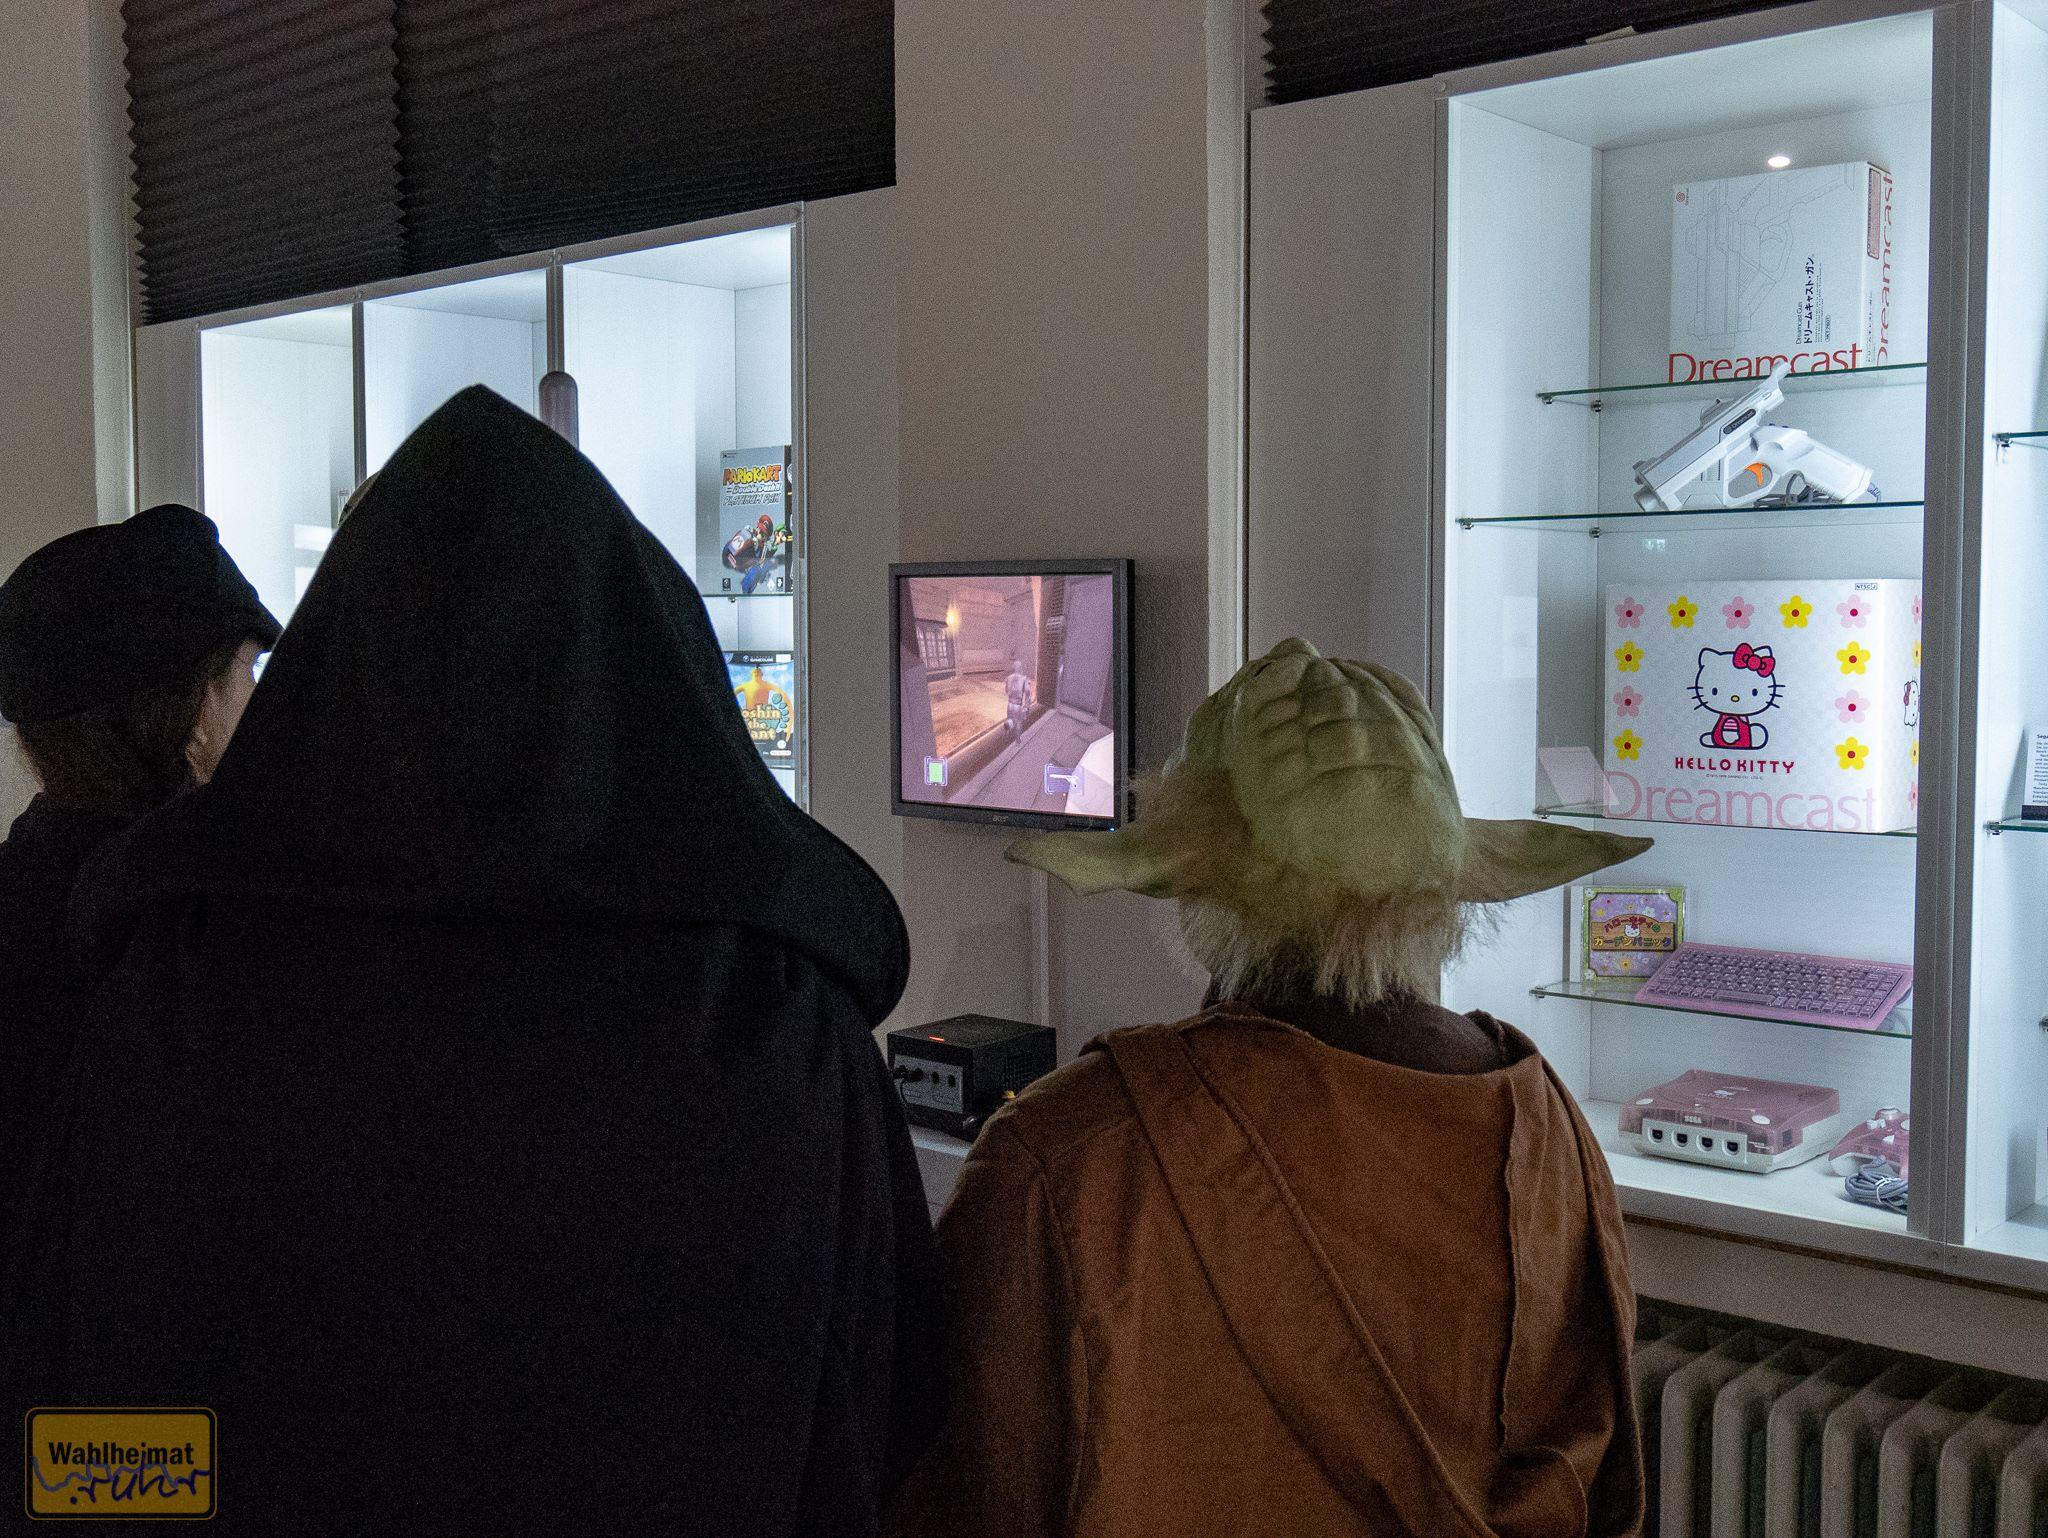 Wenn im Binarium Dortmund du bist, Spielekonsolen ausprobieren du musst!